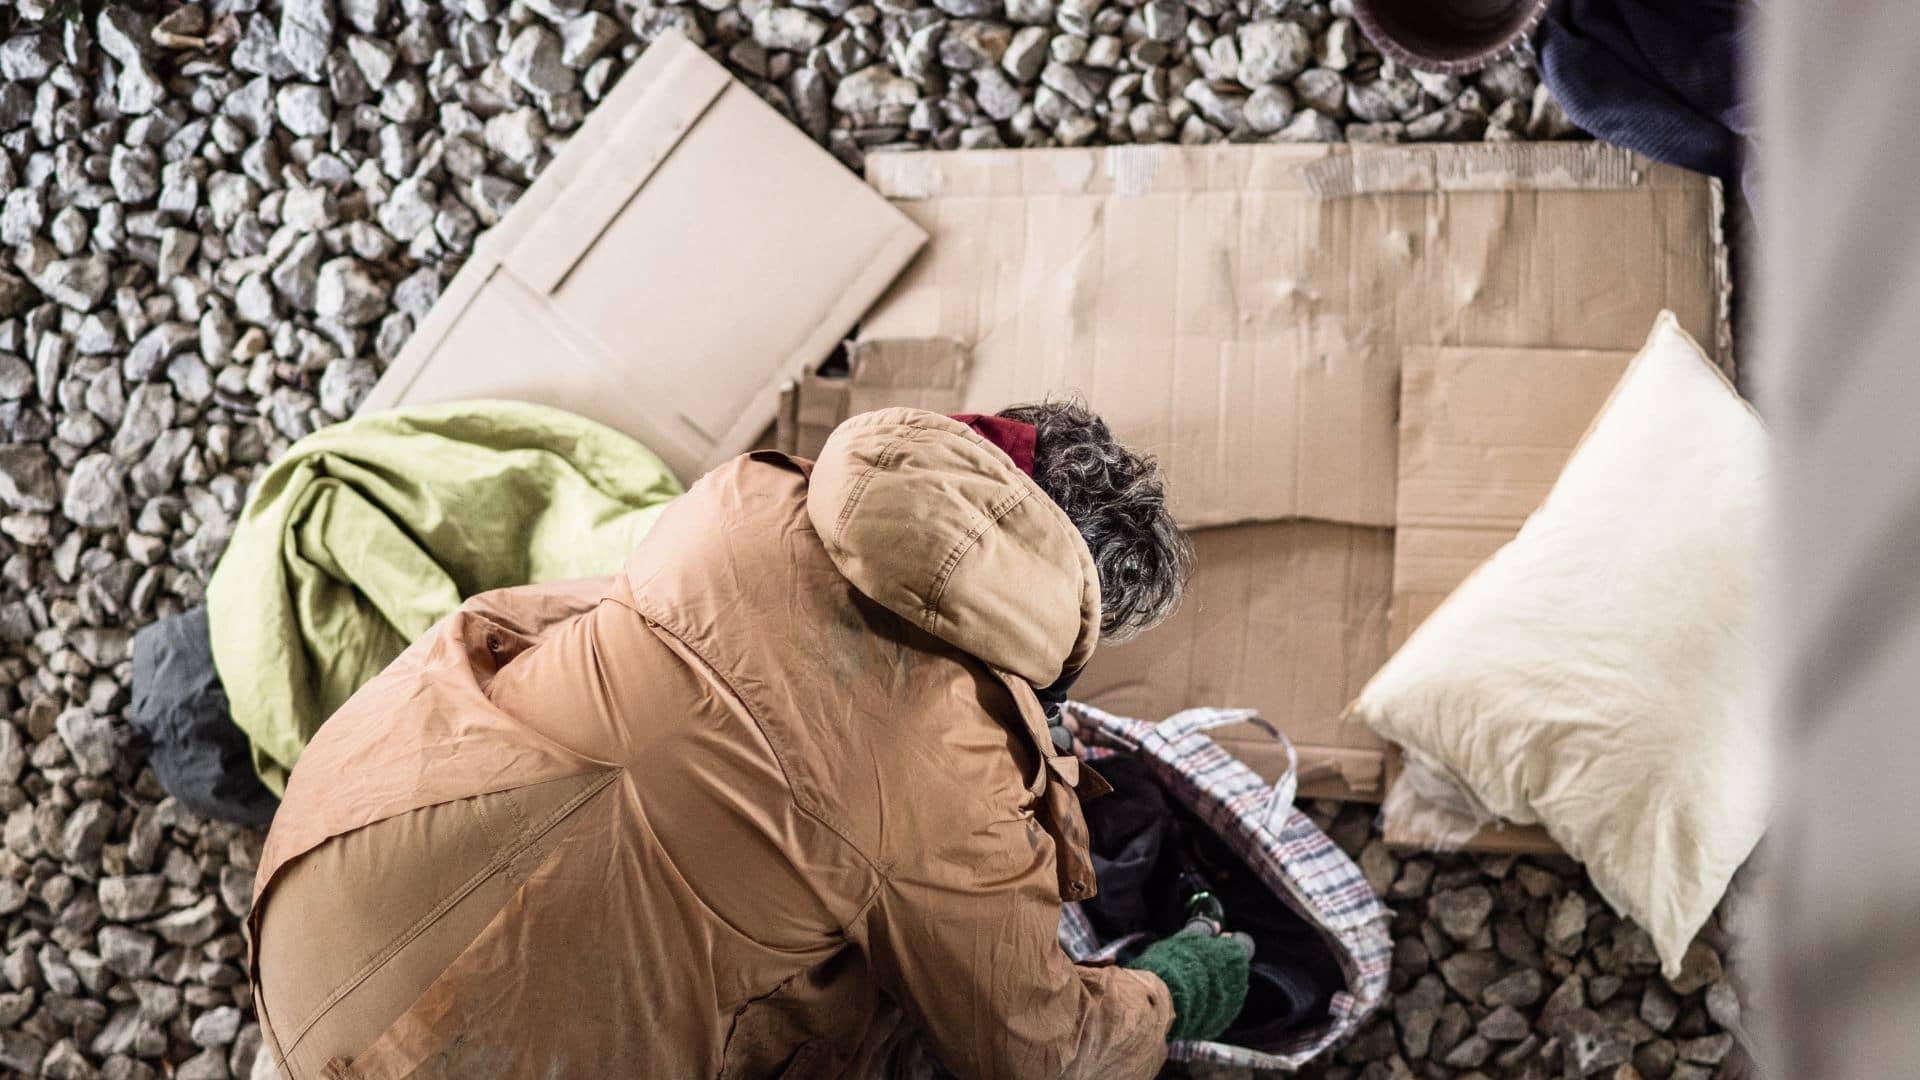 Clínicas de Emergencia en San Francisco mantienen estables los resultados del VIH entre personas sin hogar durante la pandemia por COVID-19